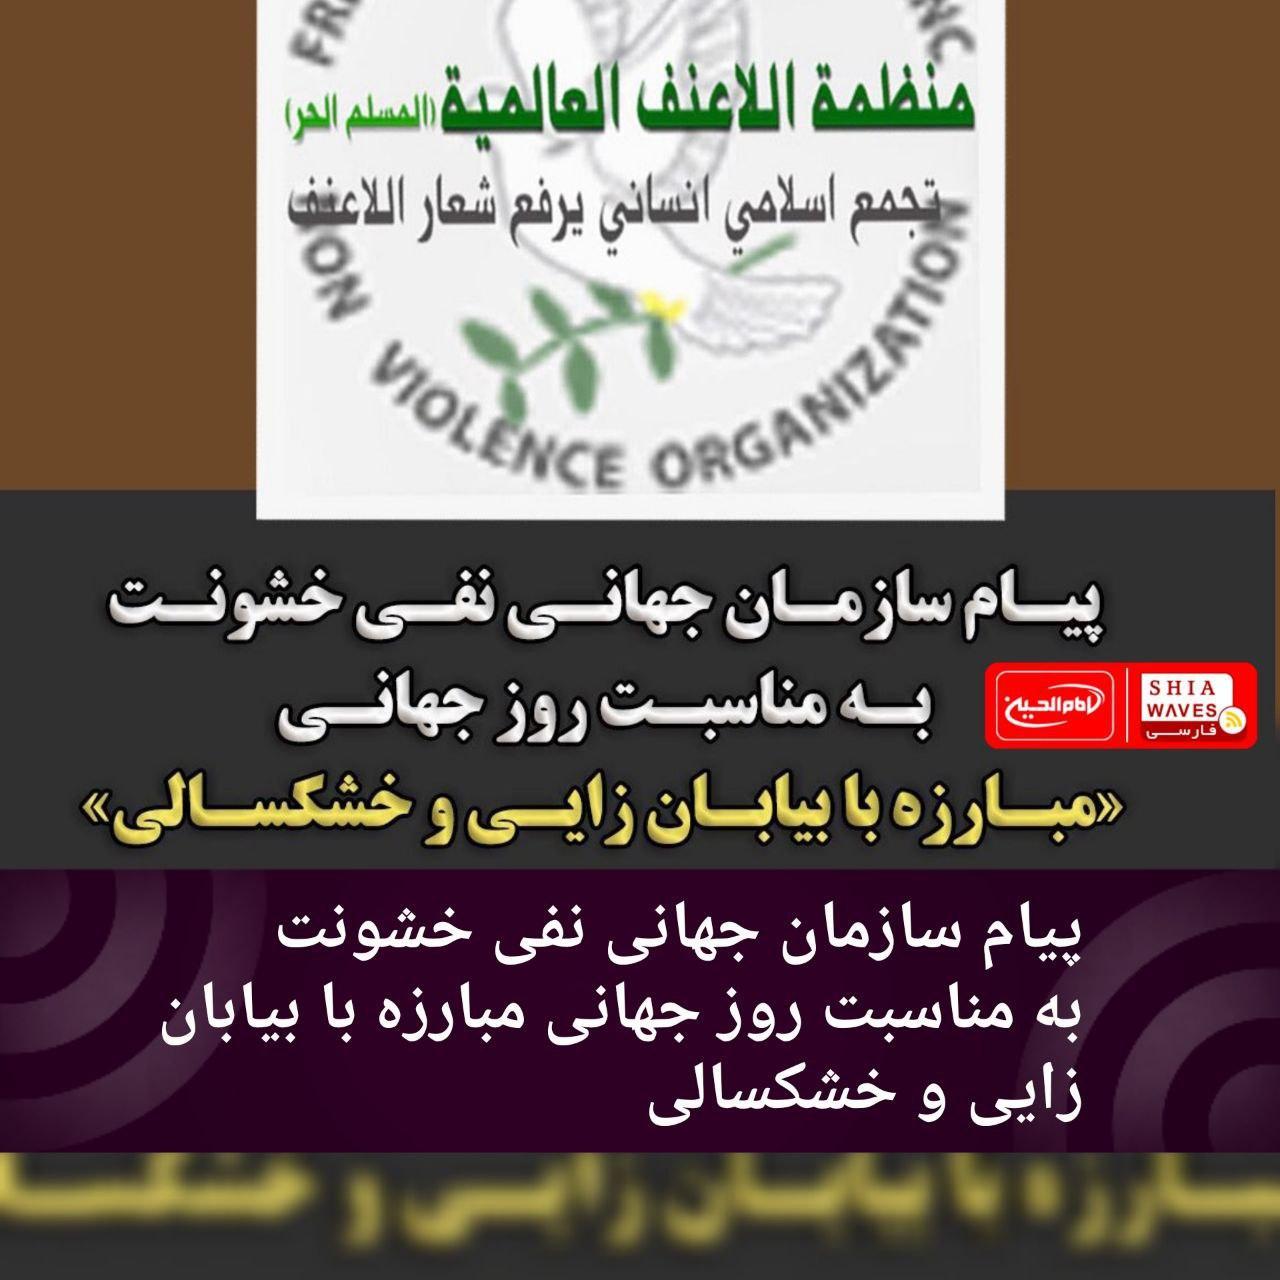 تصویر پیام سازمان جهانی نفی خشونت به مناسبت روز جهانی مبارزه با بیابان زایی و خشکسالی